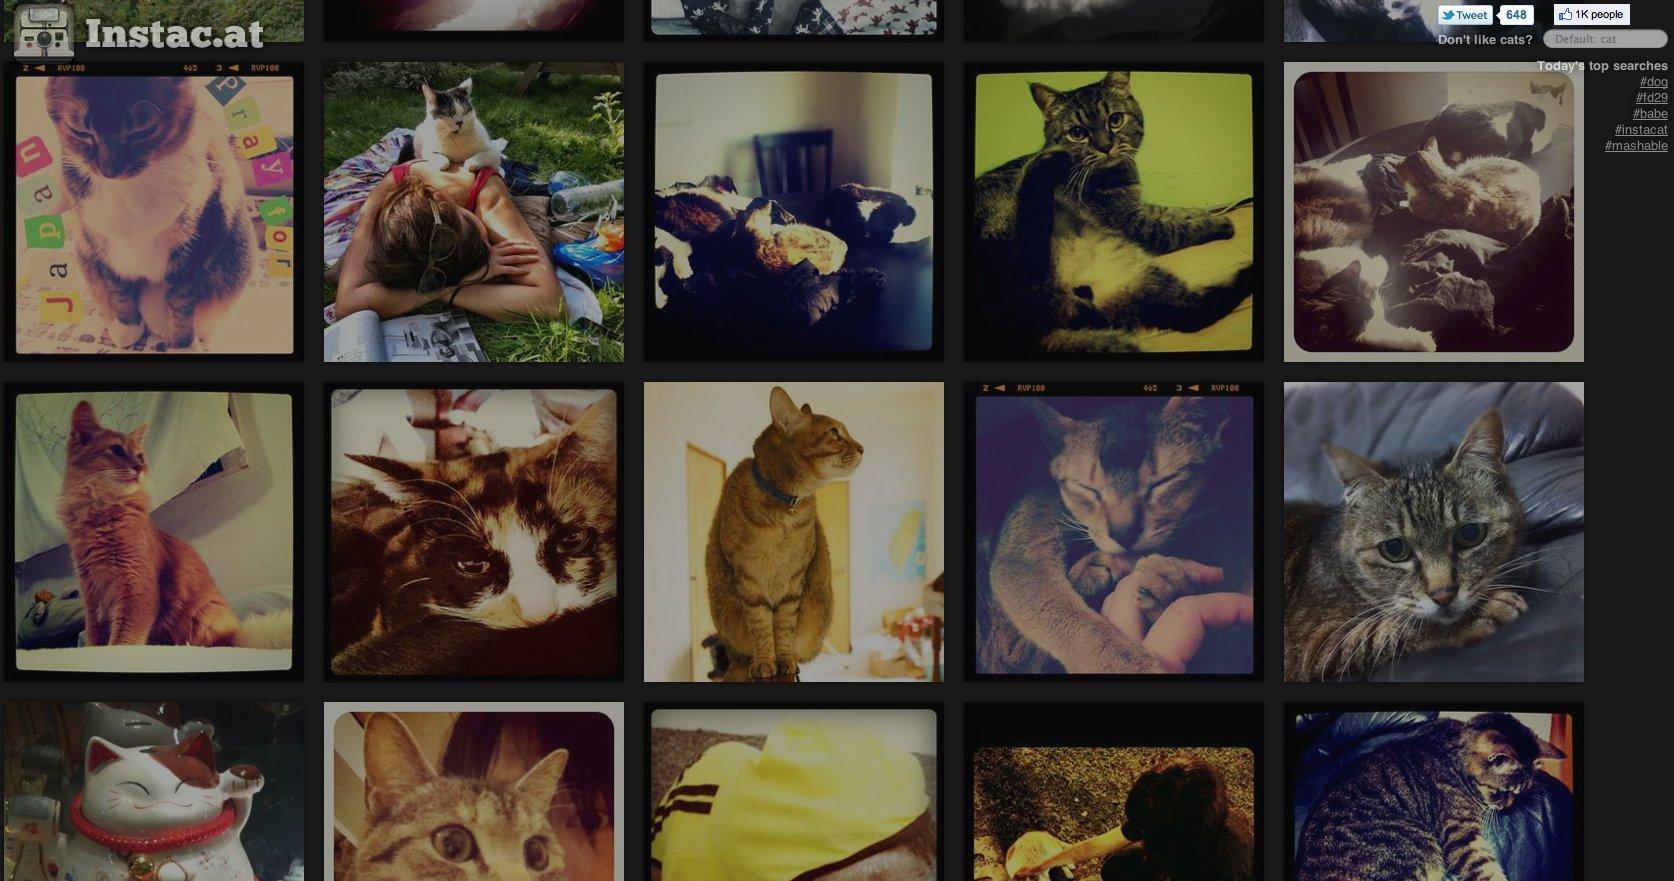 Instagram Instac.at